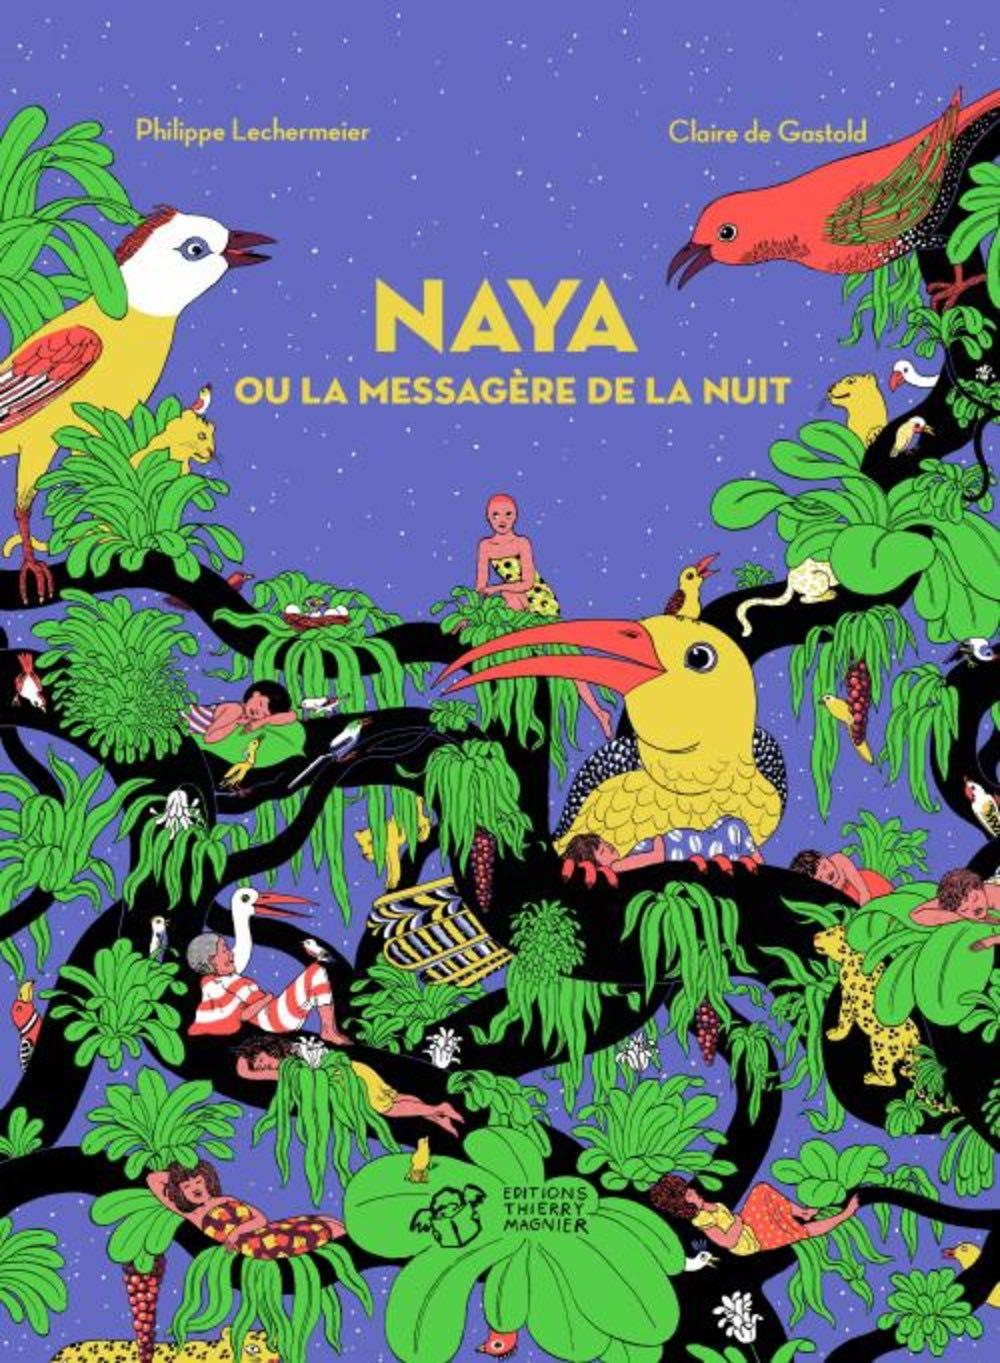 Naya ou la messagère de la nuit de Philippe Lechermeier et Claire de Gastold aux éditions Thierry Magnier